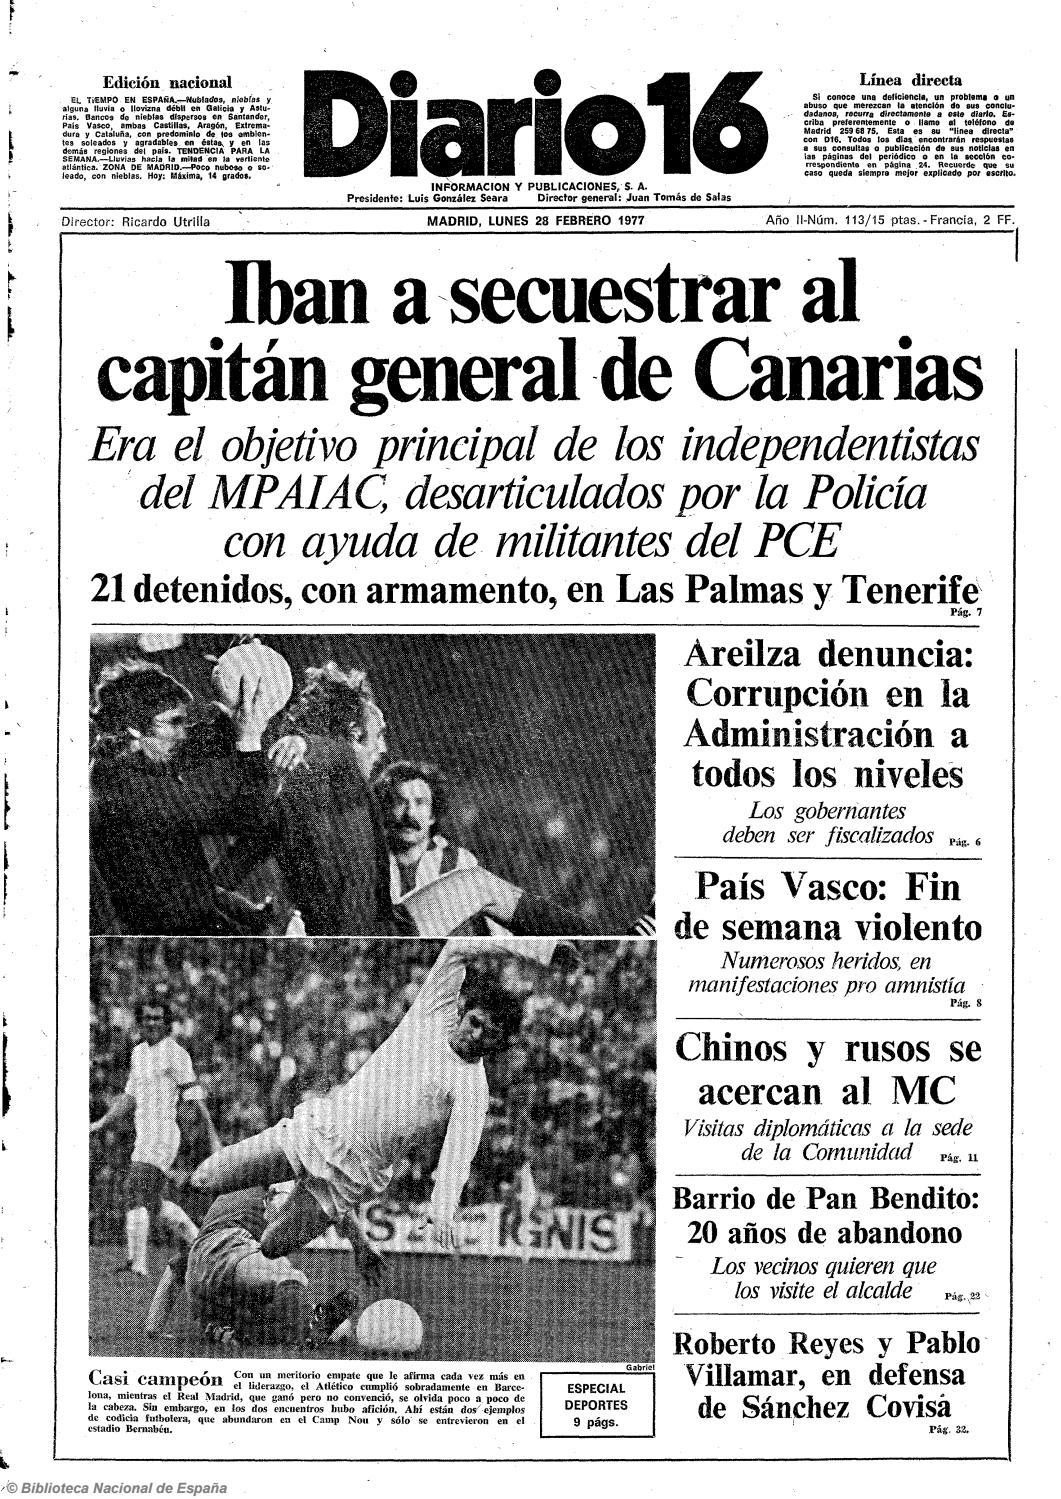 Diario 16. 28-2-1977 by diario16deburgos - issuu d5d427b1cfb